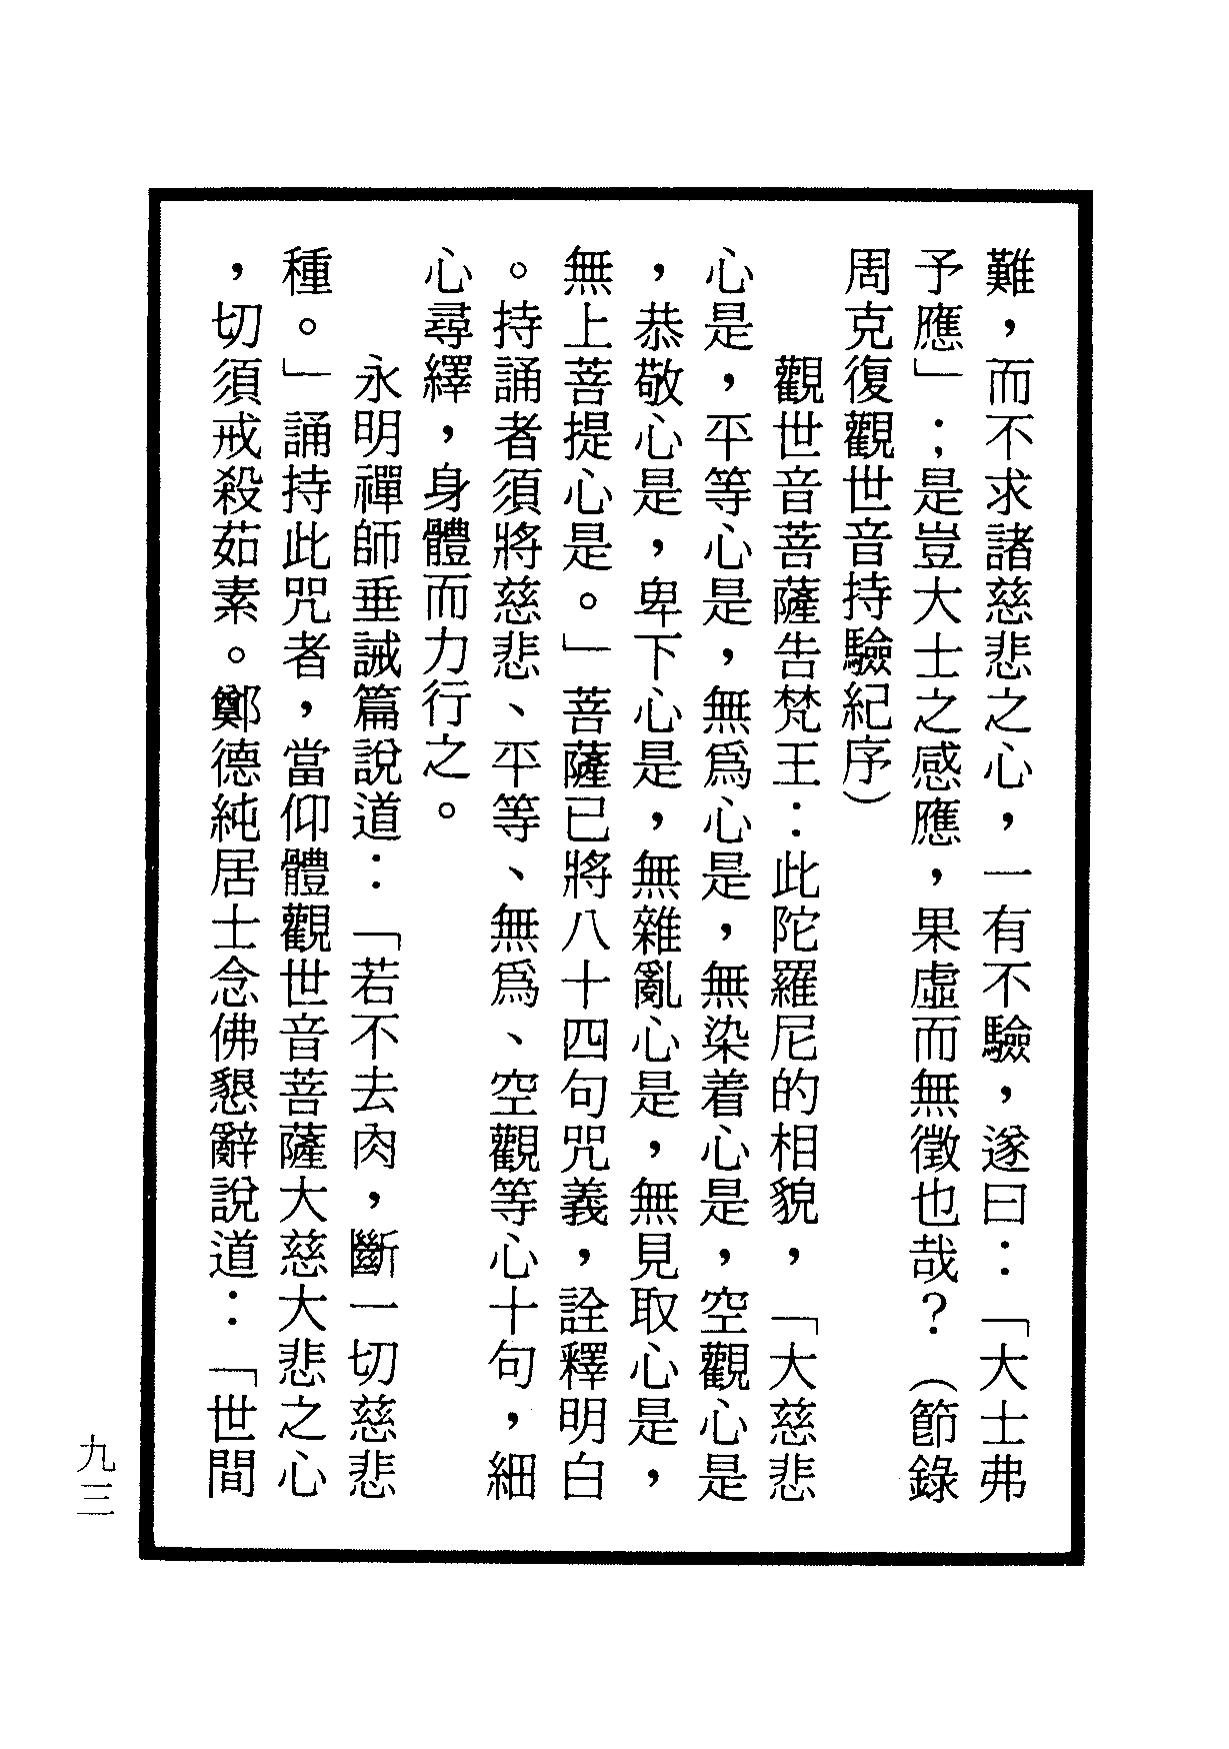 楞嚴咒-大悲咒-十小咒-易背本 99.png